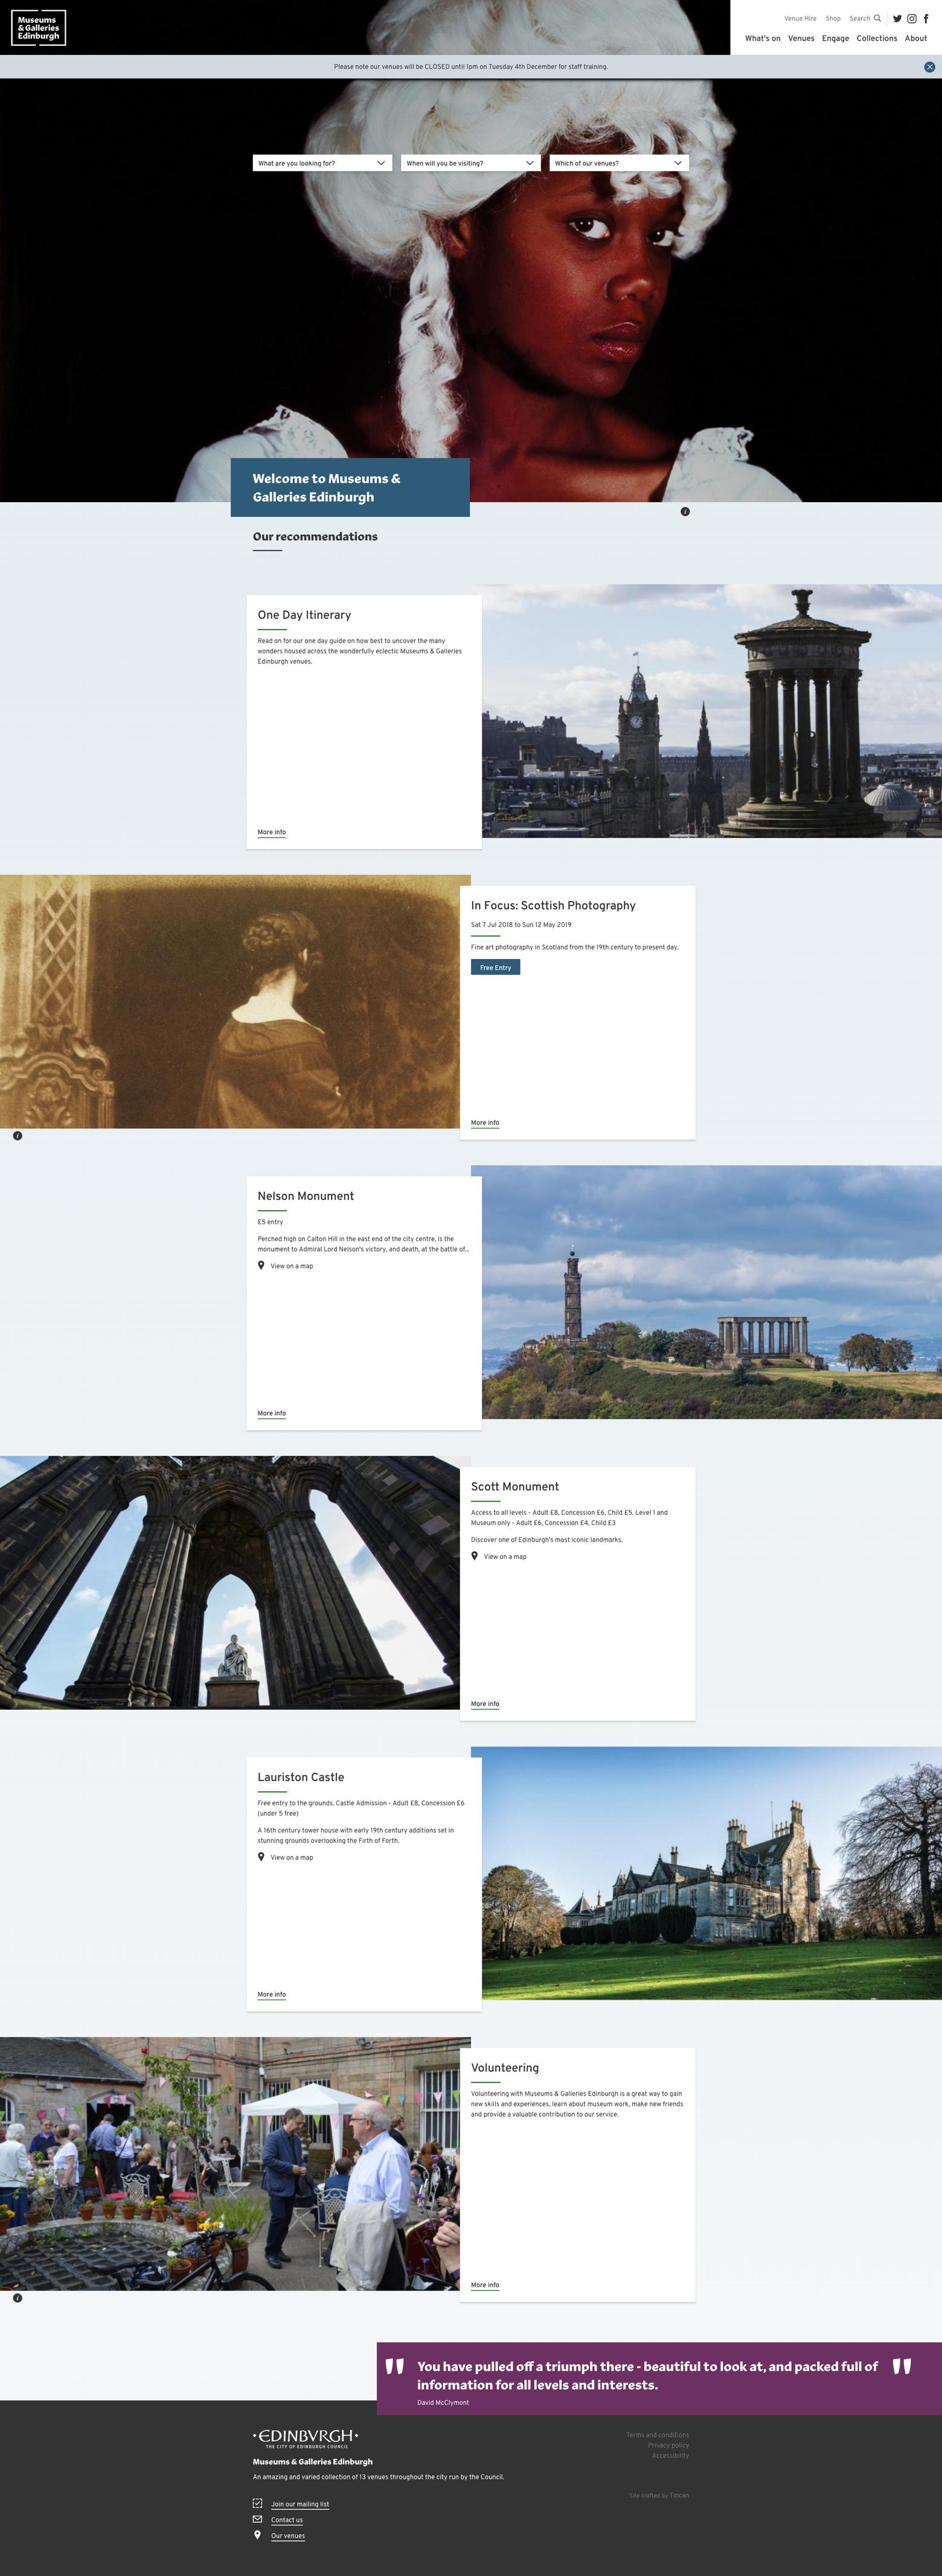 Screenshot of the Museums & Galleries Edinburgh website